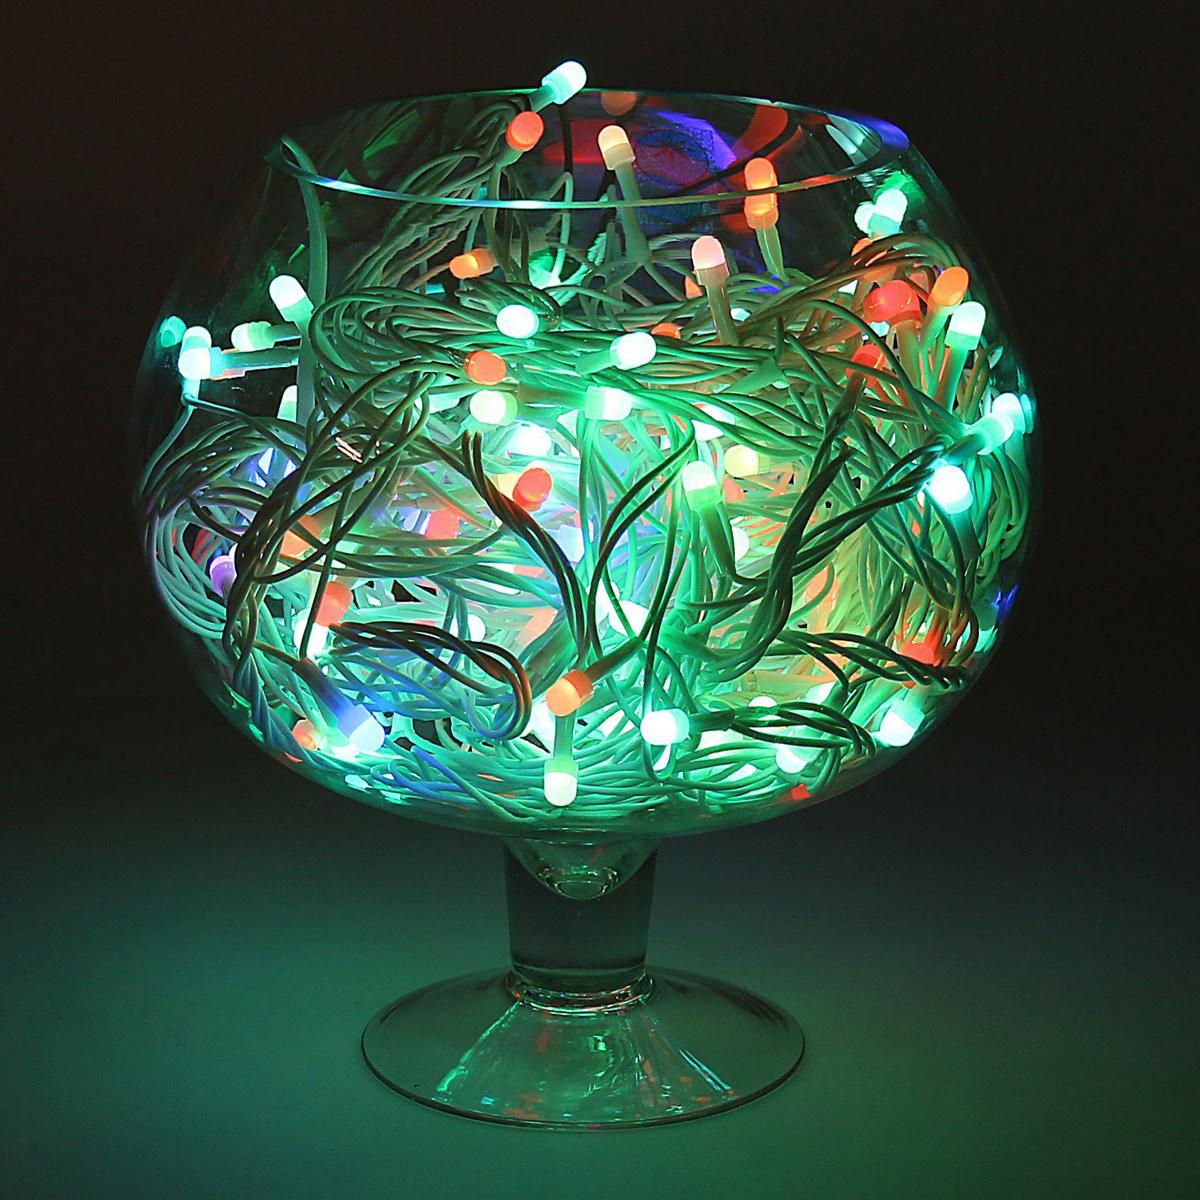 Гирлянда светодиодная Luazon Метраж, уличная, моргает, 200 ламп, 220 V, 20 м, цвет: мультиколор. 10805681080568Светодиодные гирлянды, ленты и т.д. — это отличный вариант для новогоднего оформления интерьера или фасада. С их помощью помещение любого размера можно превратить в праздничный зал, а внешние элементы зданий, украшенные ими, мгновенно станут напоминать очертания сказочного дворца. Такие украшения создают ауру предвкушения чуда. Деревья, фасады, витрины, окна и арки будто специально созданы, чтобы вы украсили их светящимися нитями.